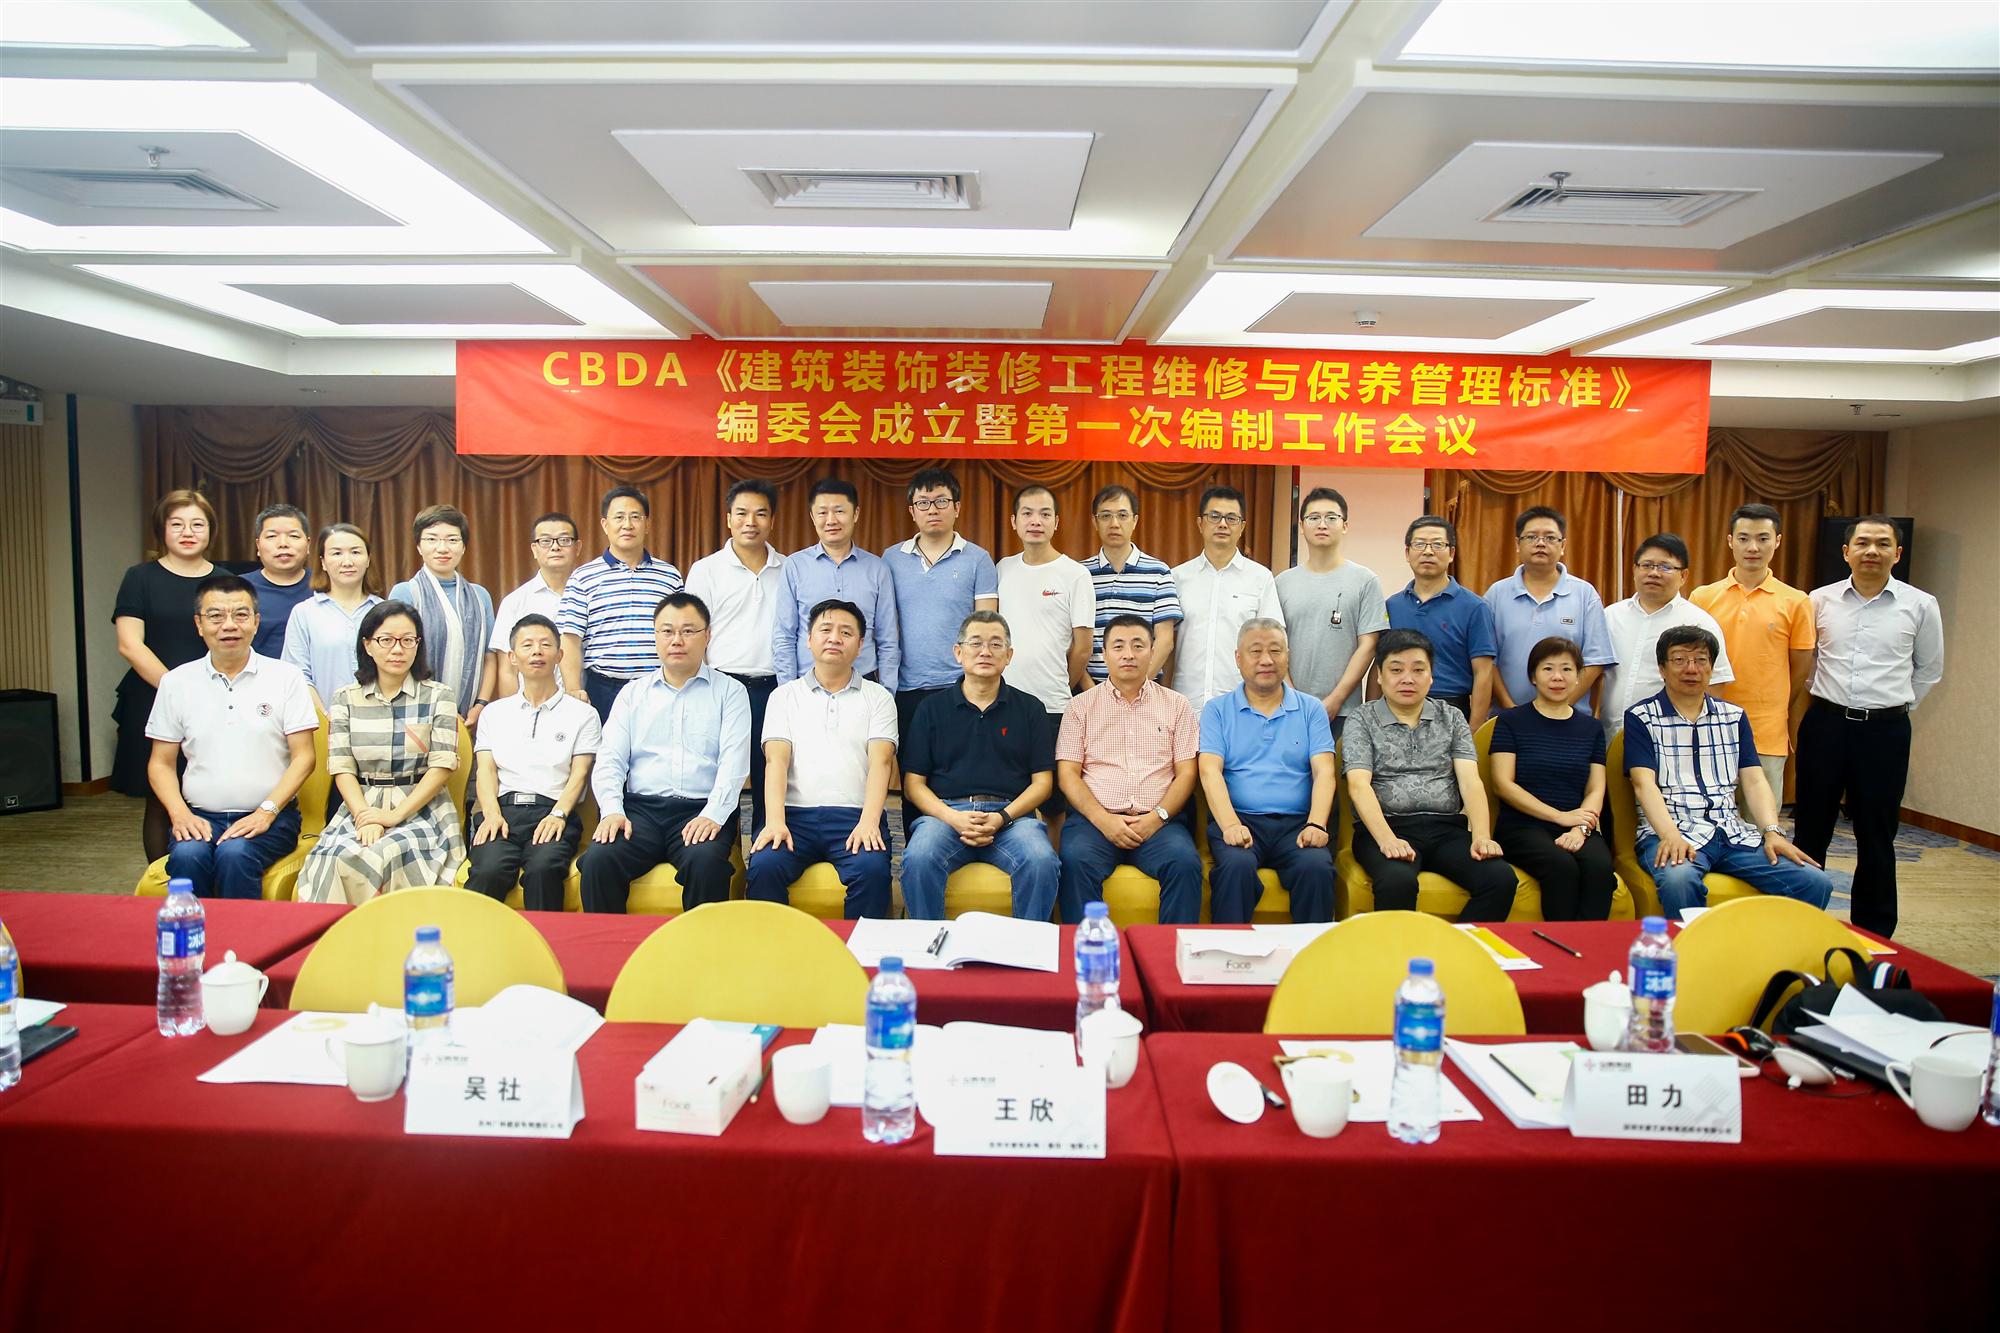 竞博体育APP集团主持召开《建筑装饰装修工程维修与保养管理标准》第一次编制会议